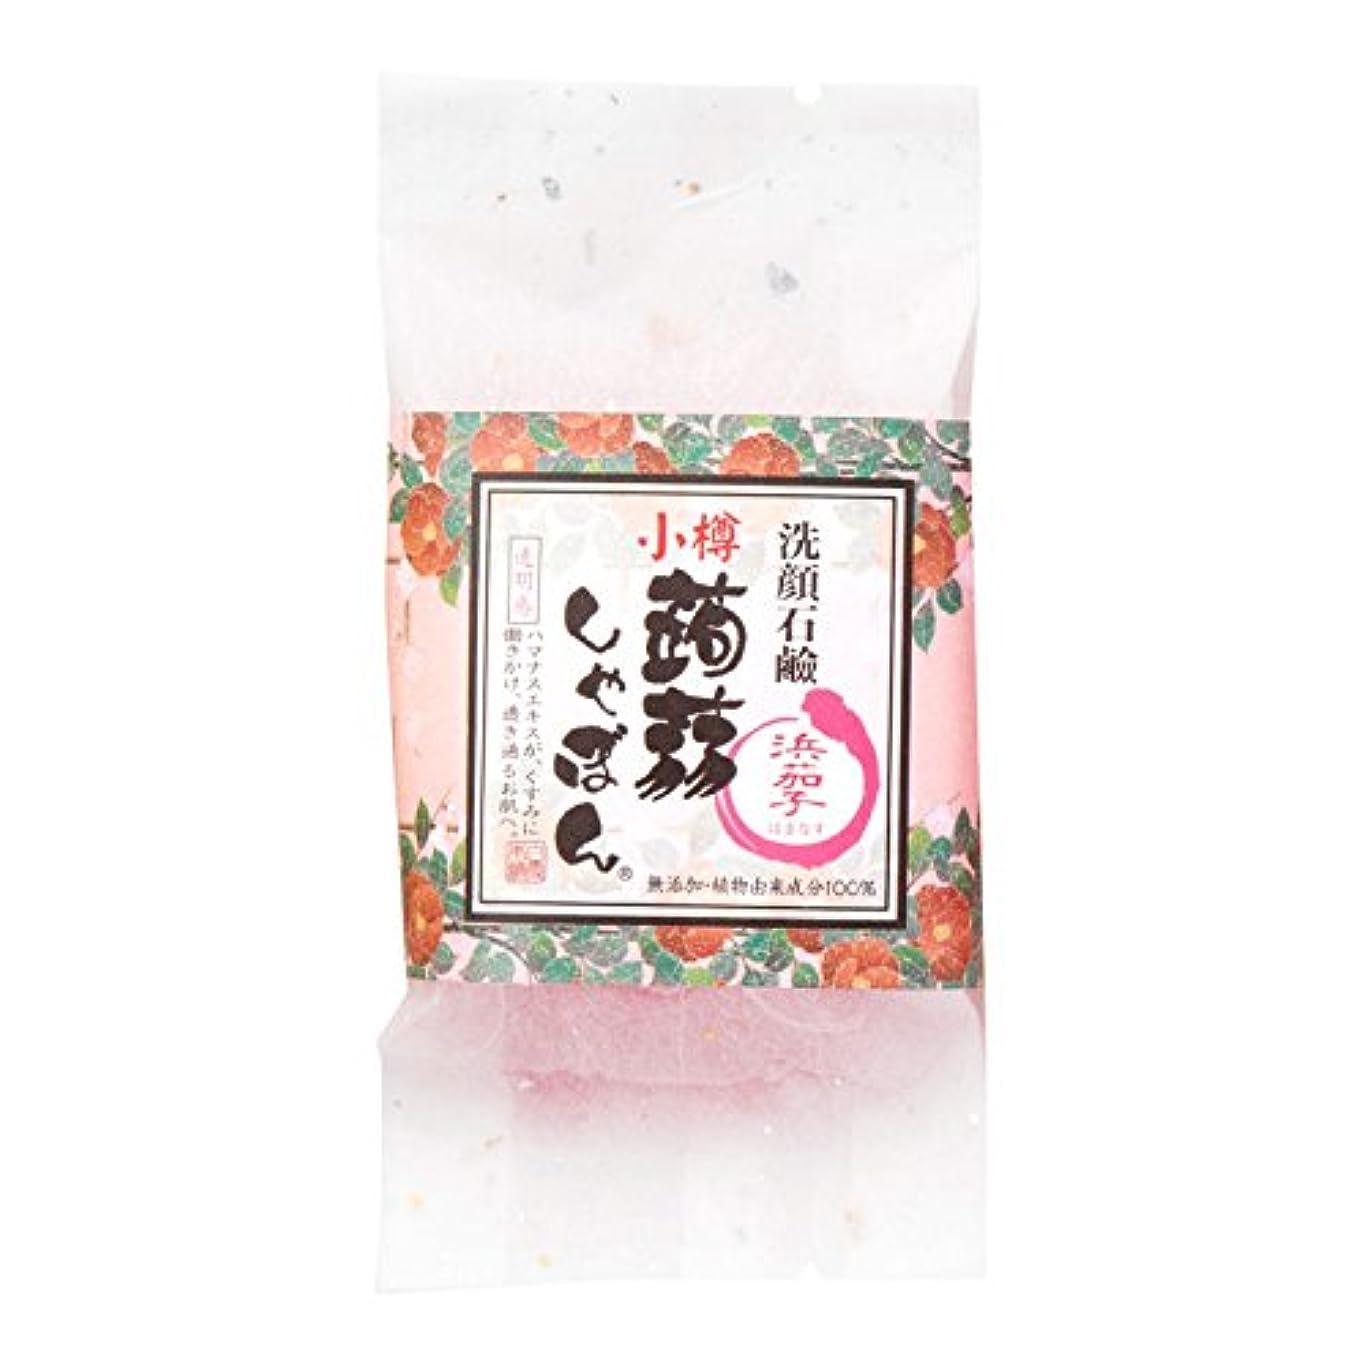 浸食温帯虹小樽蒟蒻しゃぼん小樽 浜茄子(はまなす)